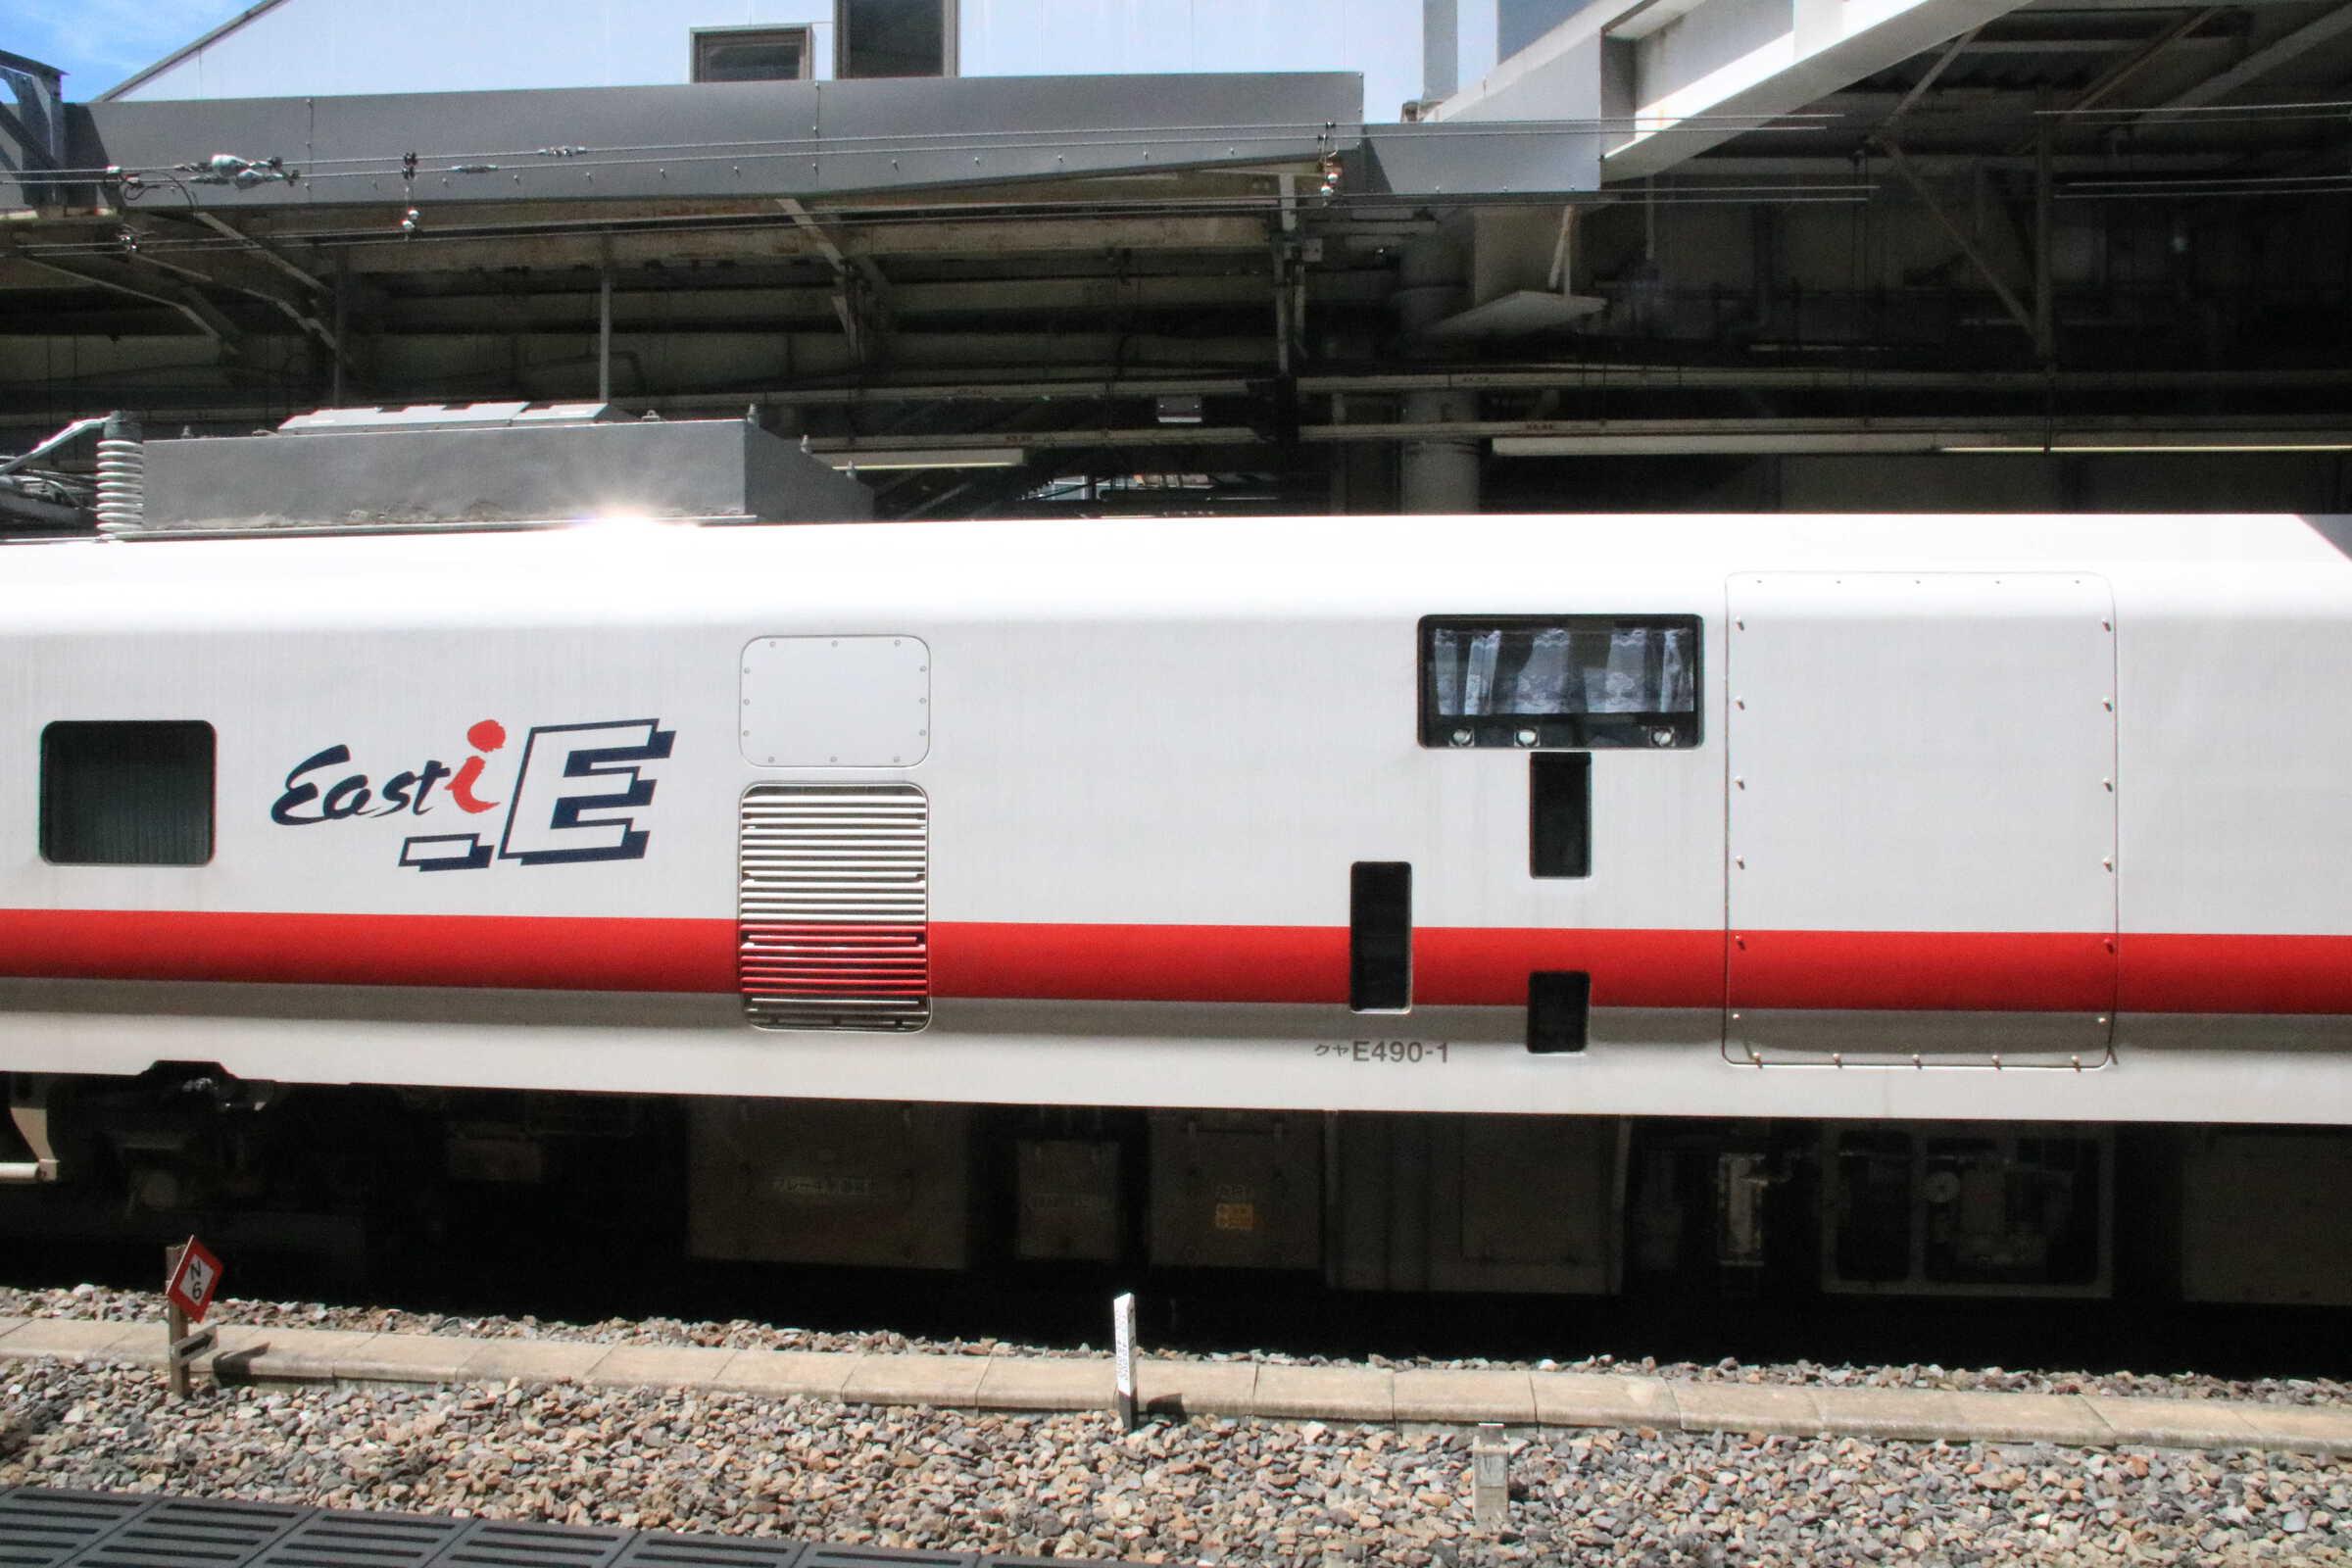 E491系 East i-E クヤE491-1